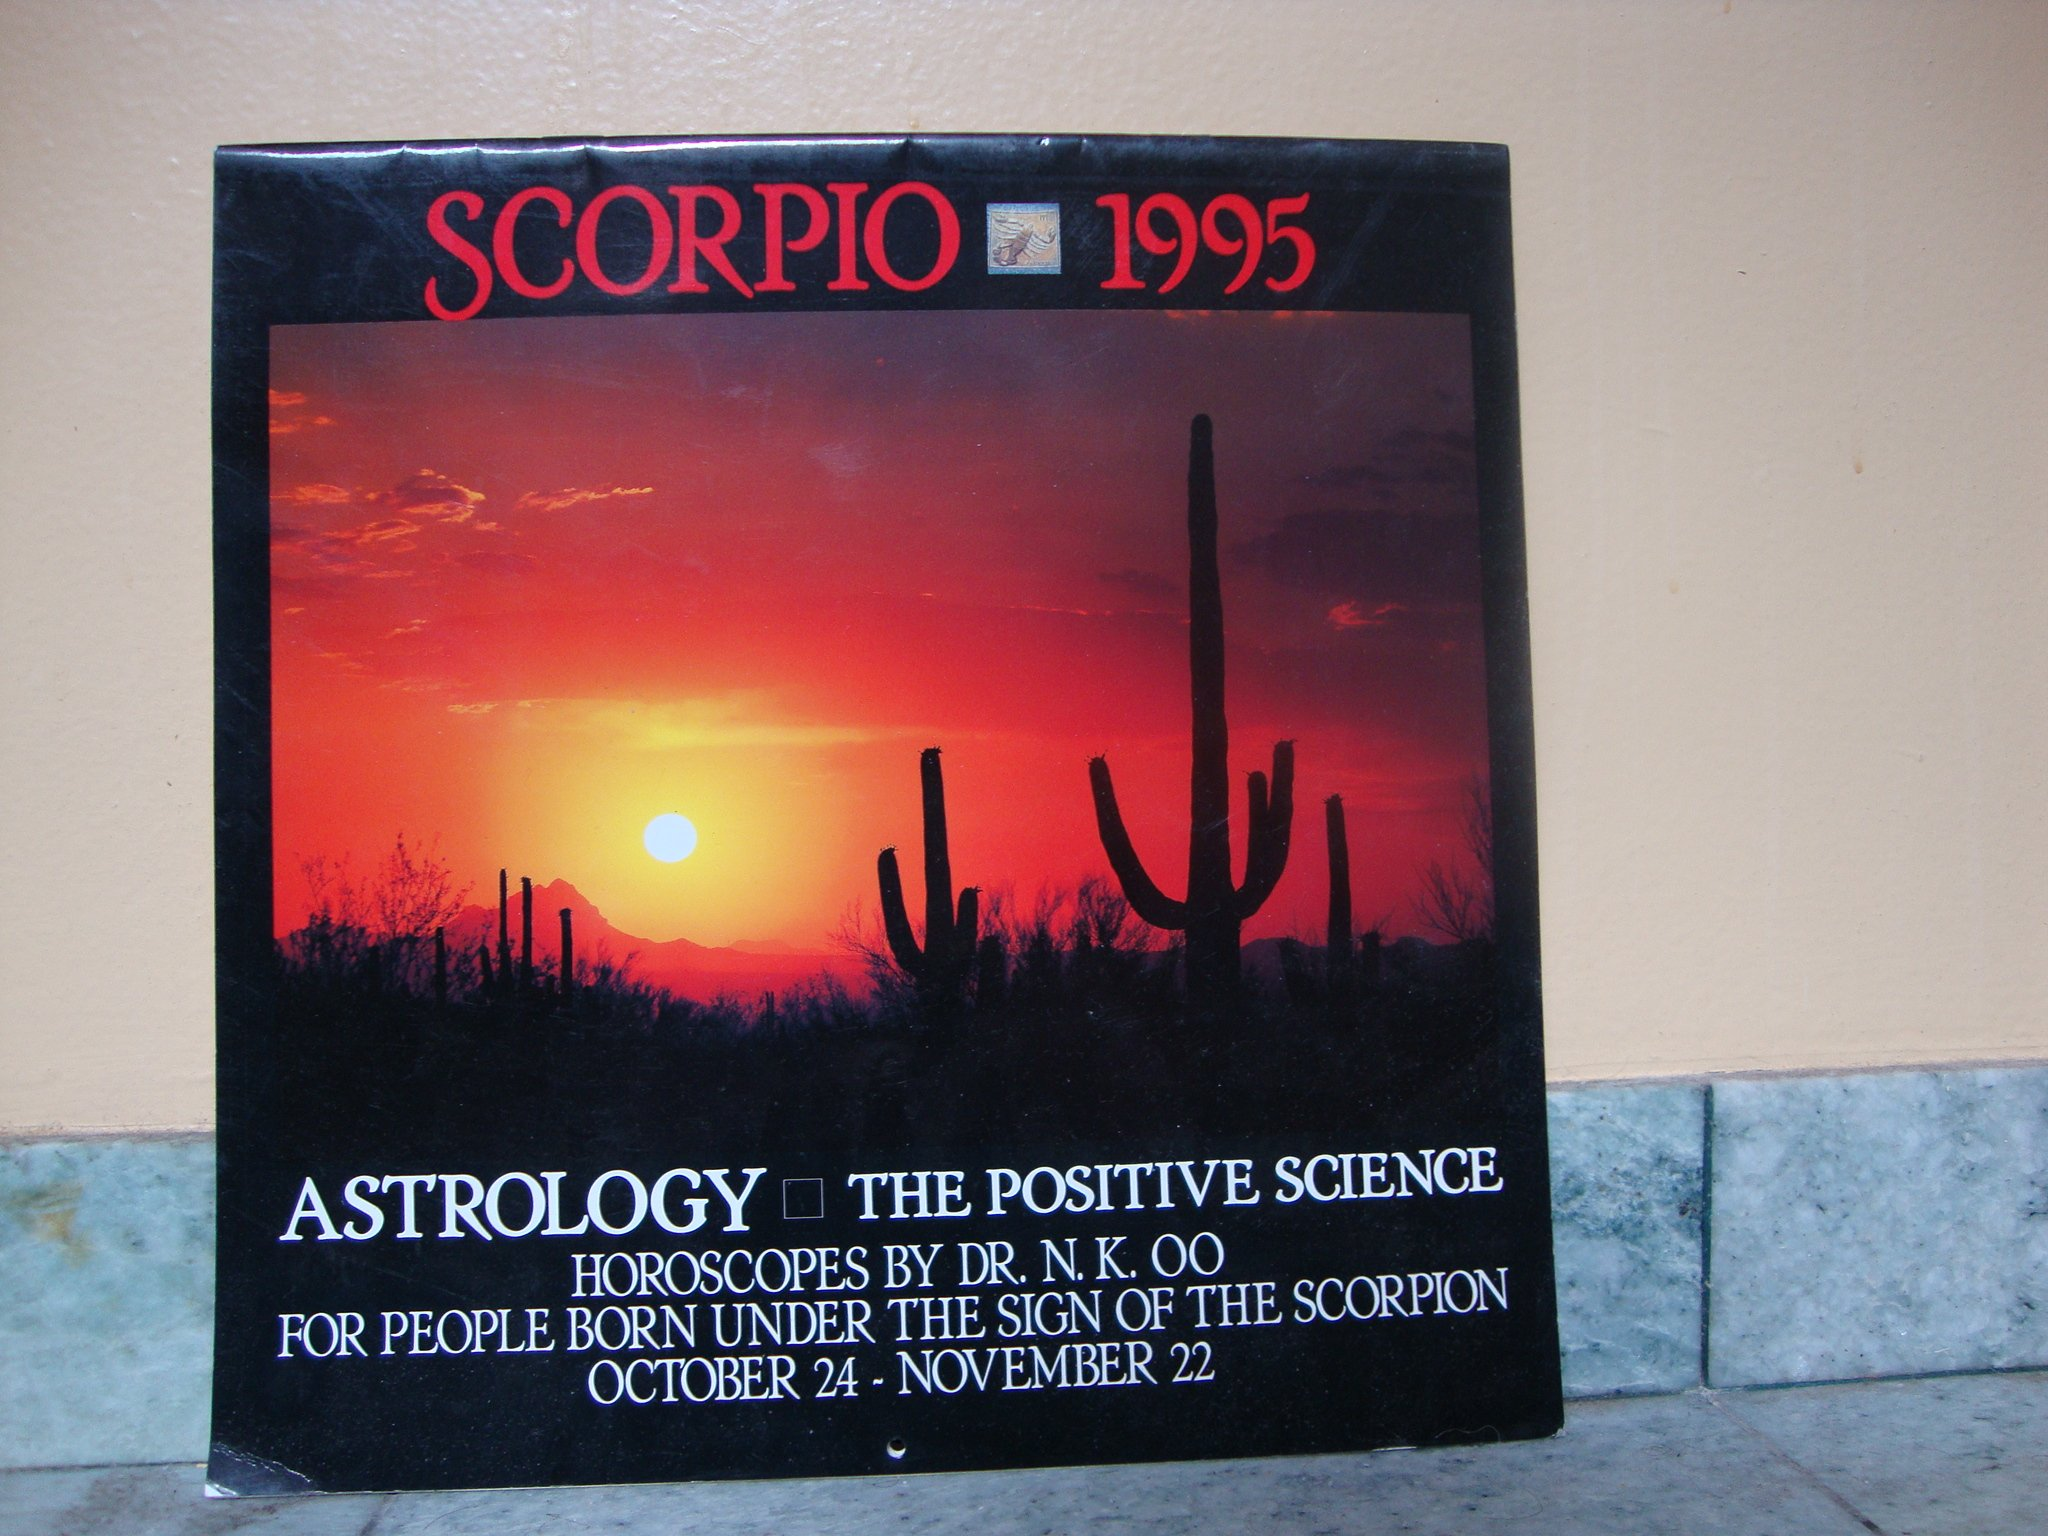 Scorpio 1995 Calendar Astrology The Positive Science